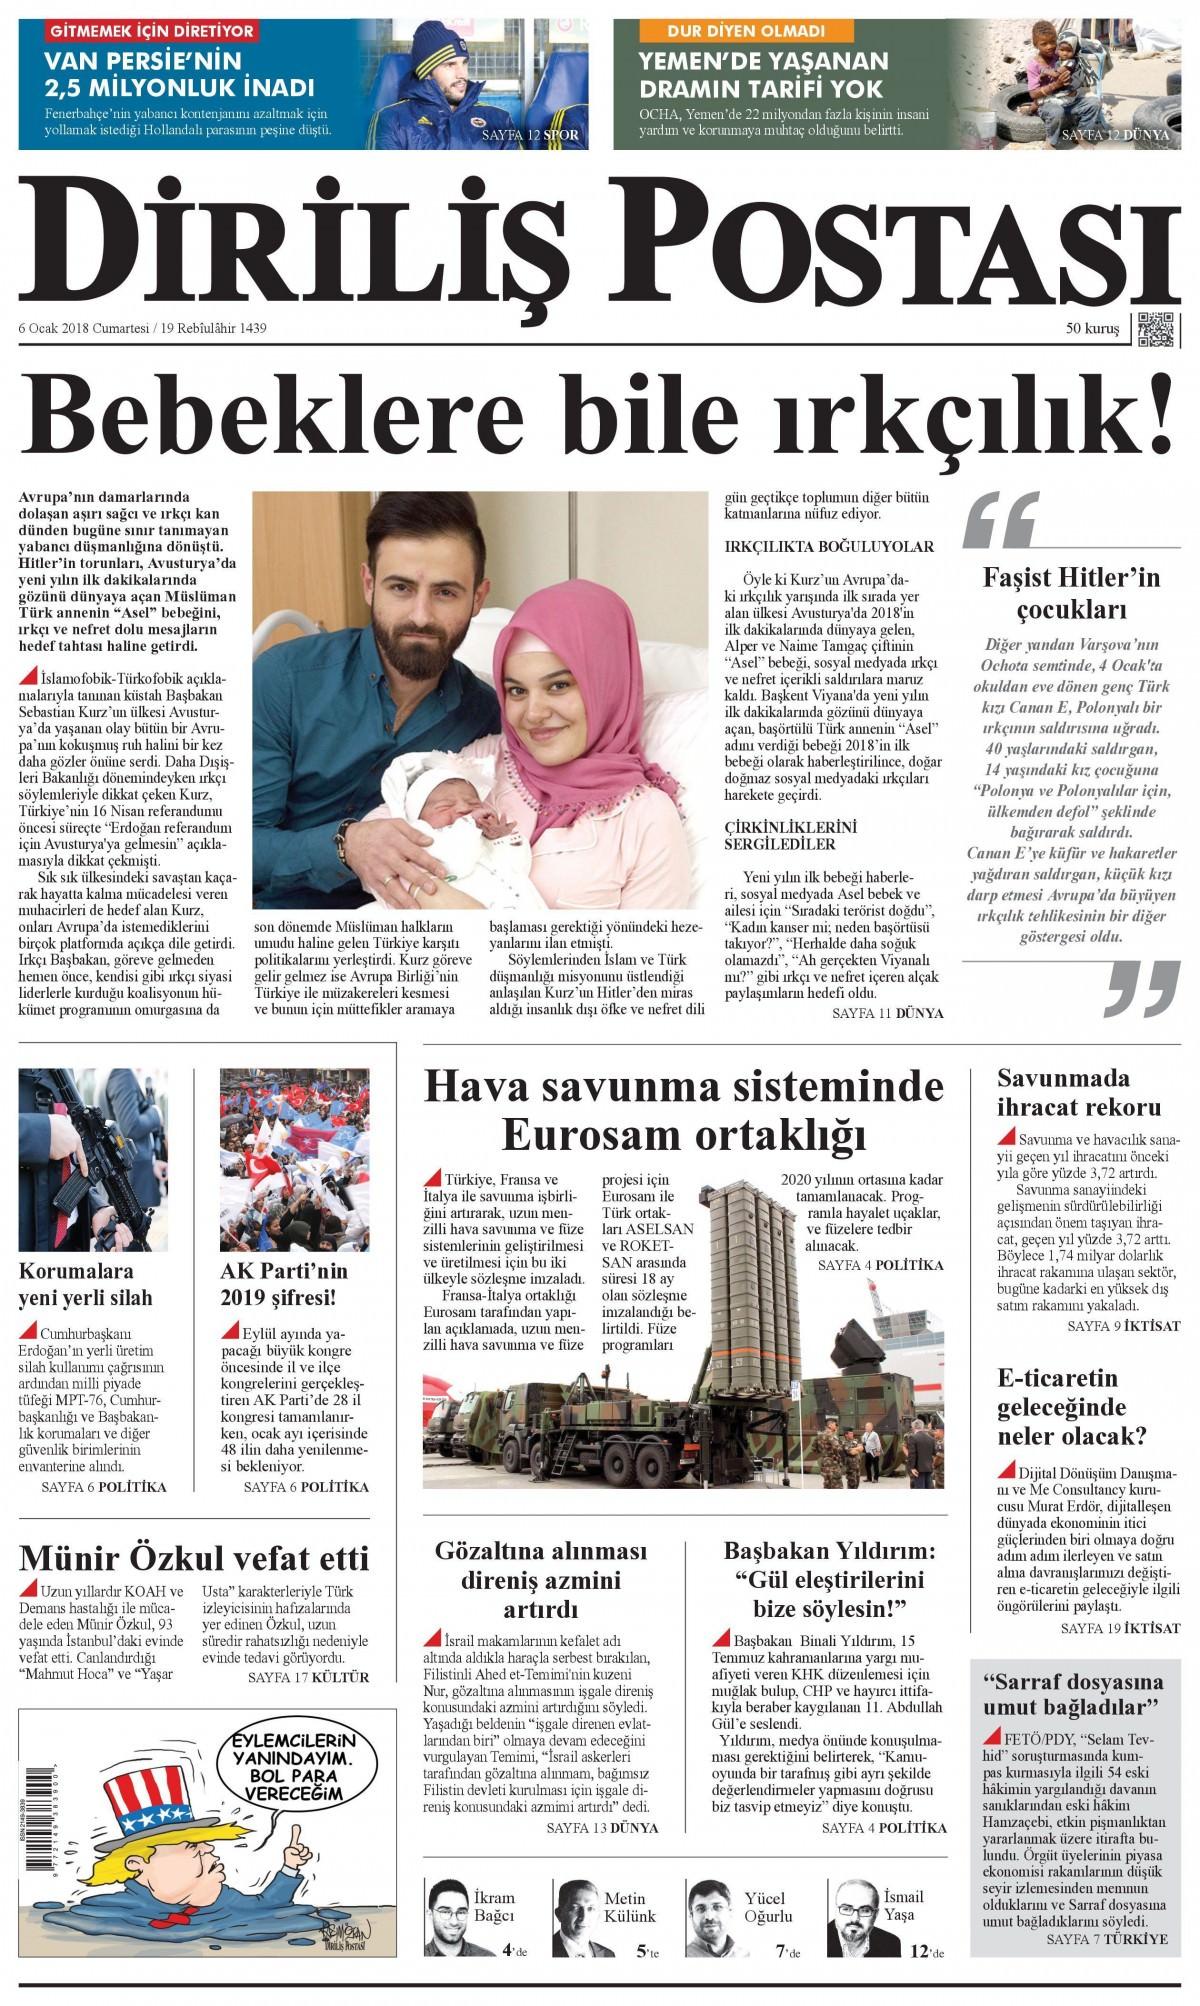 Günün gazete manşetleri! 16